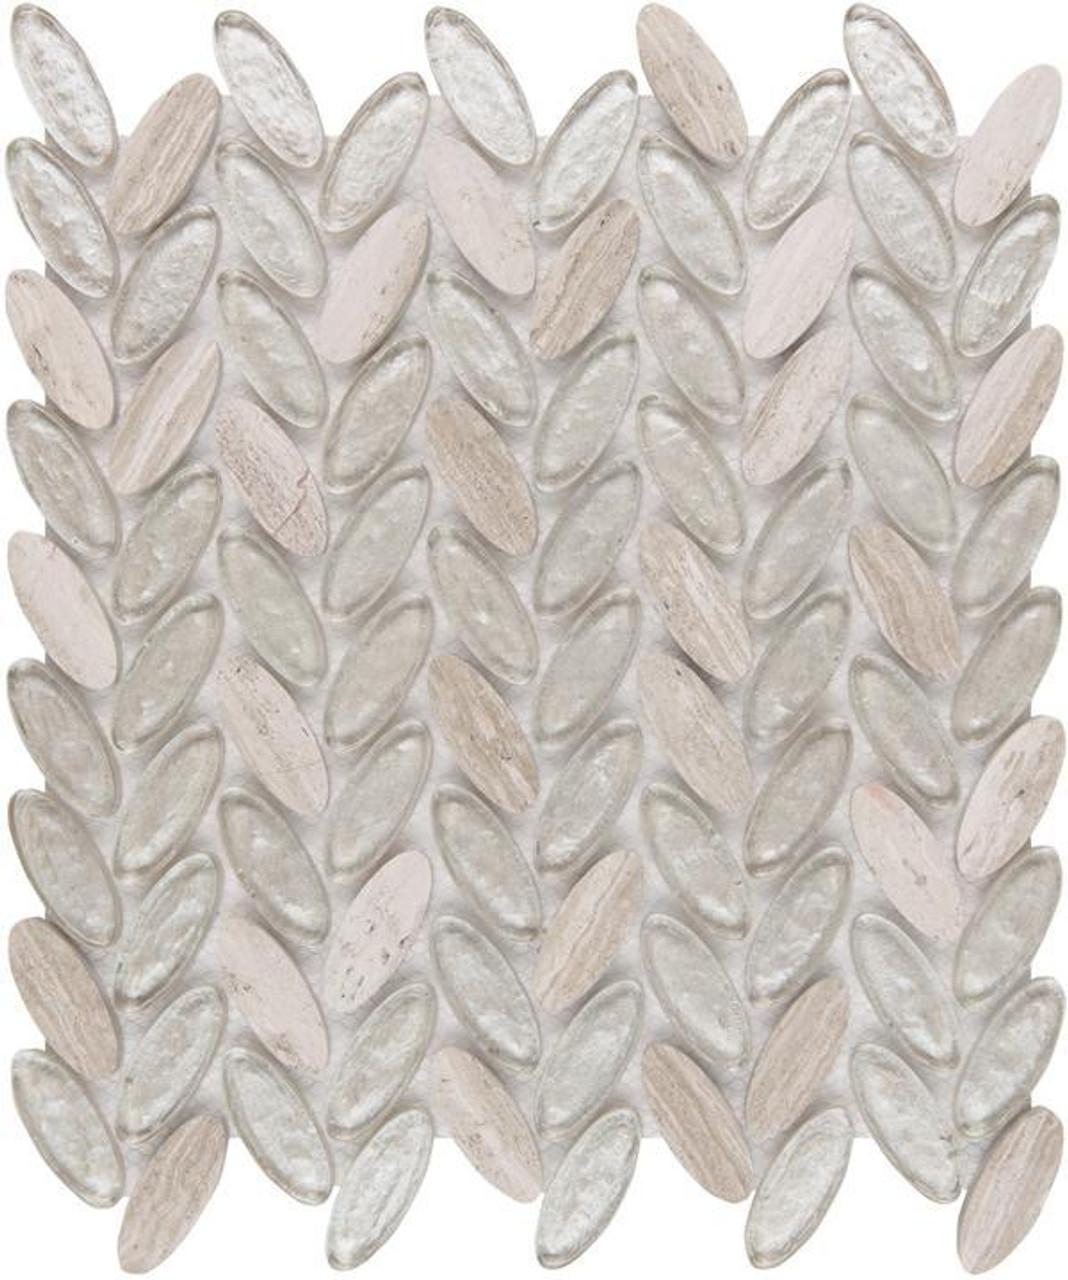 UBC Elyptic Herringbone Tile Bel Air